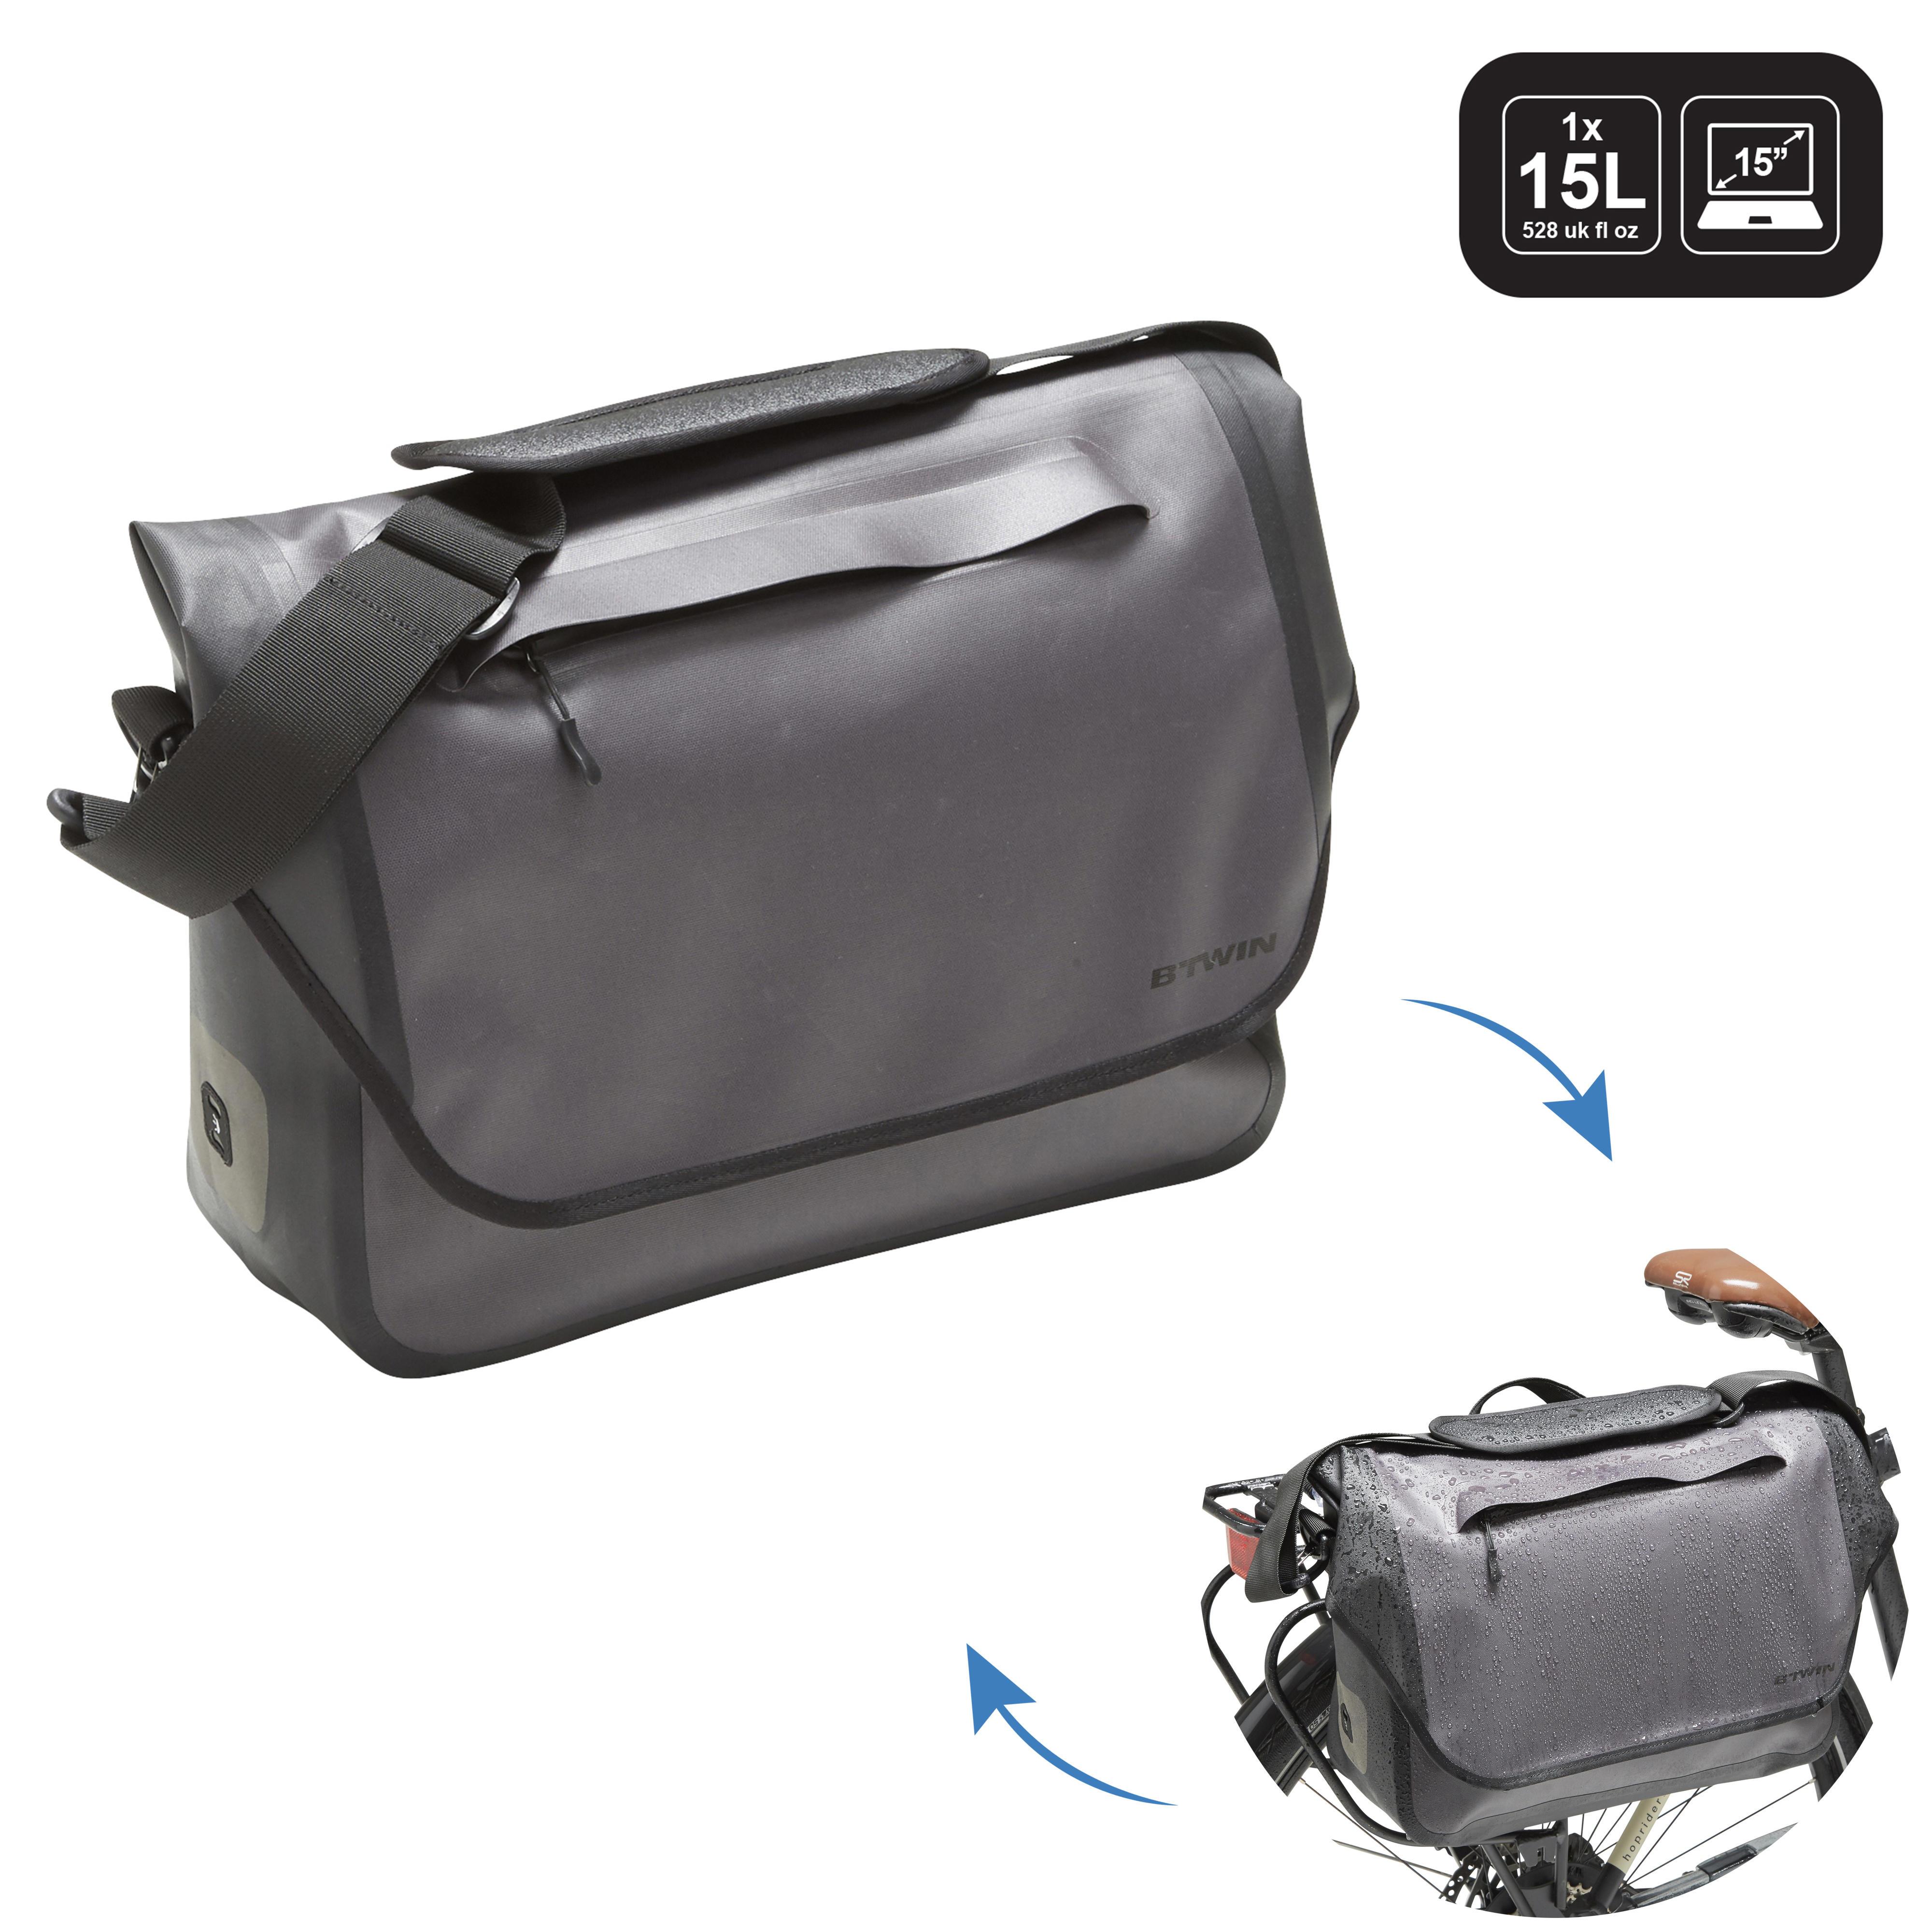 Fahrradtasche Businessbag 900 15Liter wasserdicht grau | Taschen > Businesstaschen > Fahrrad-taschen Büro | Elops